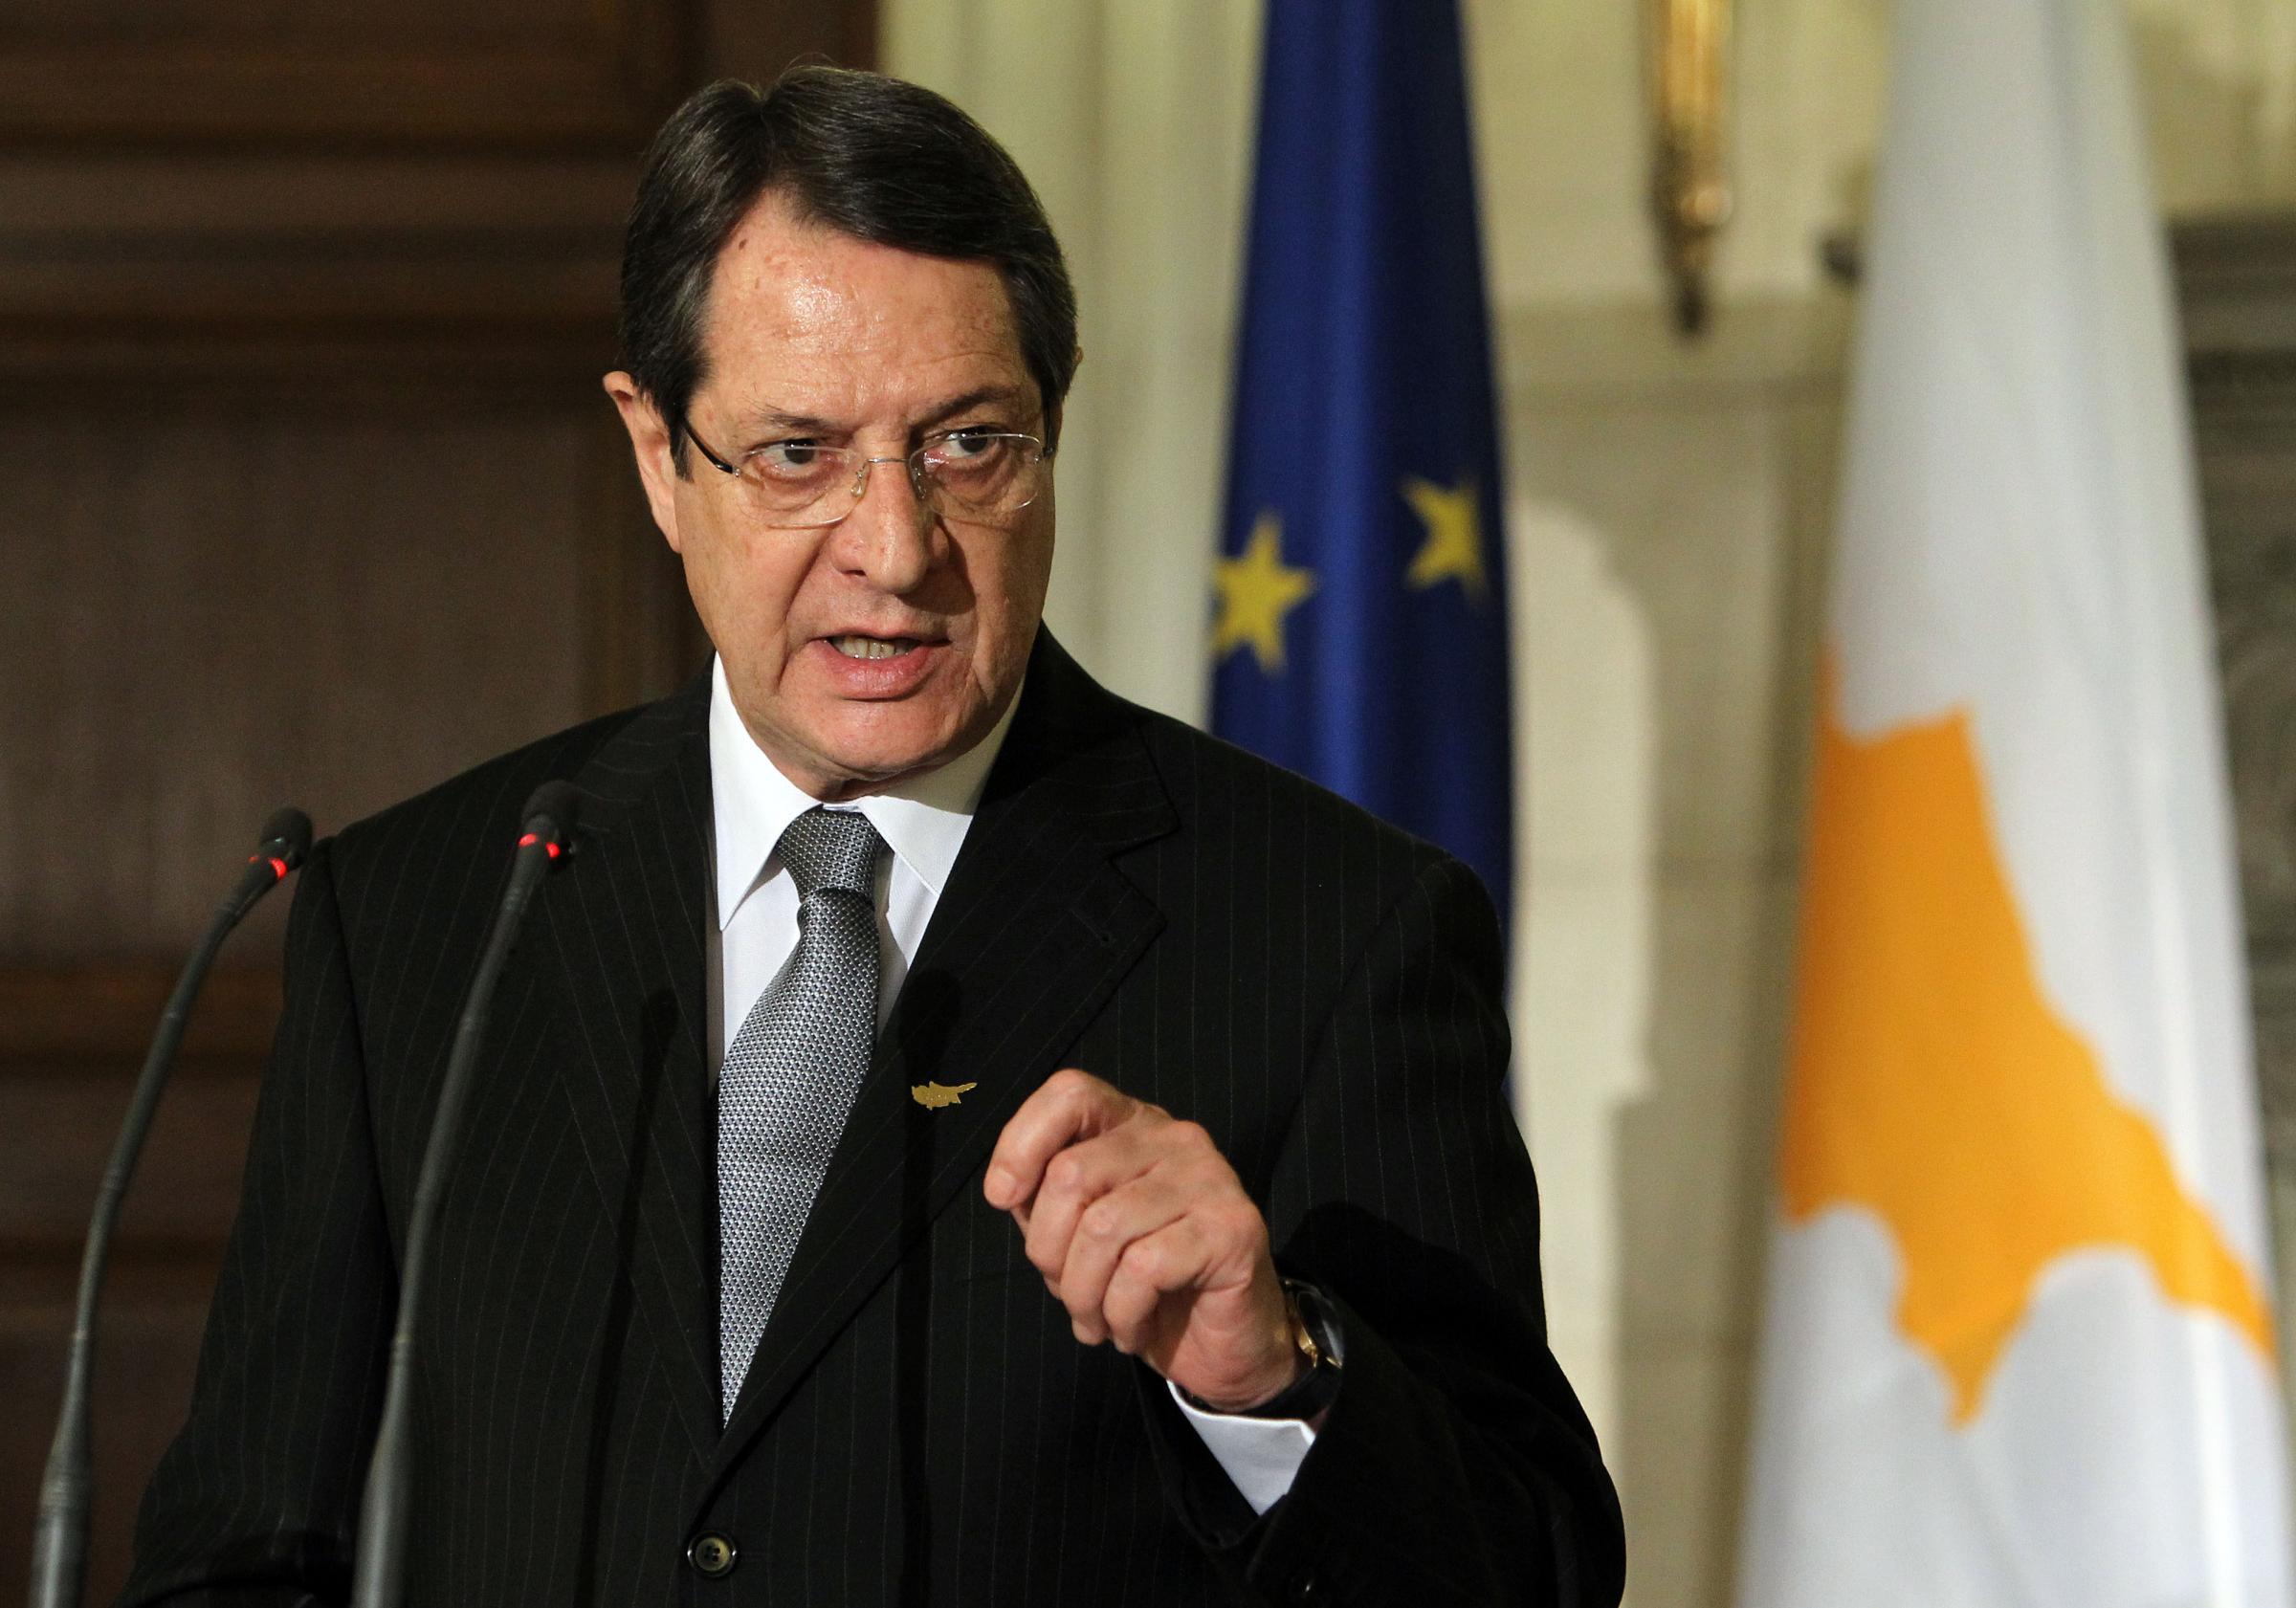 Αναστασιάδης: Δεν είμαι όσο αισιόδοξος θα ήθελα για το κυπριακό